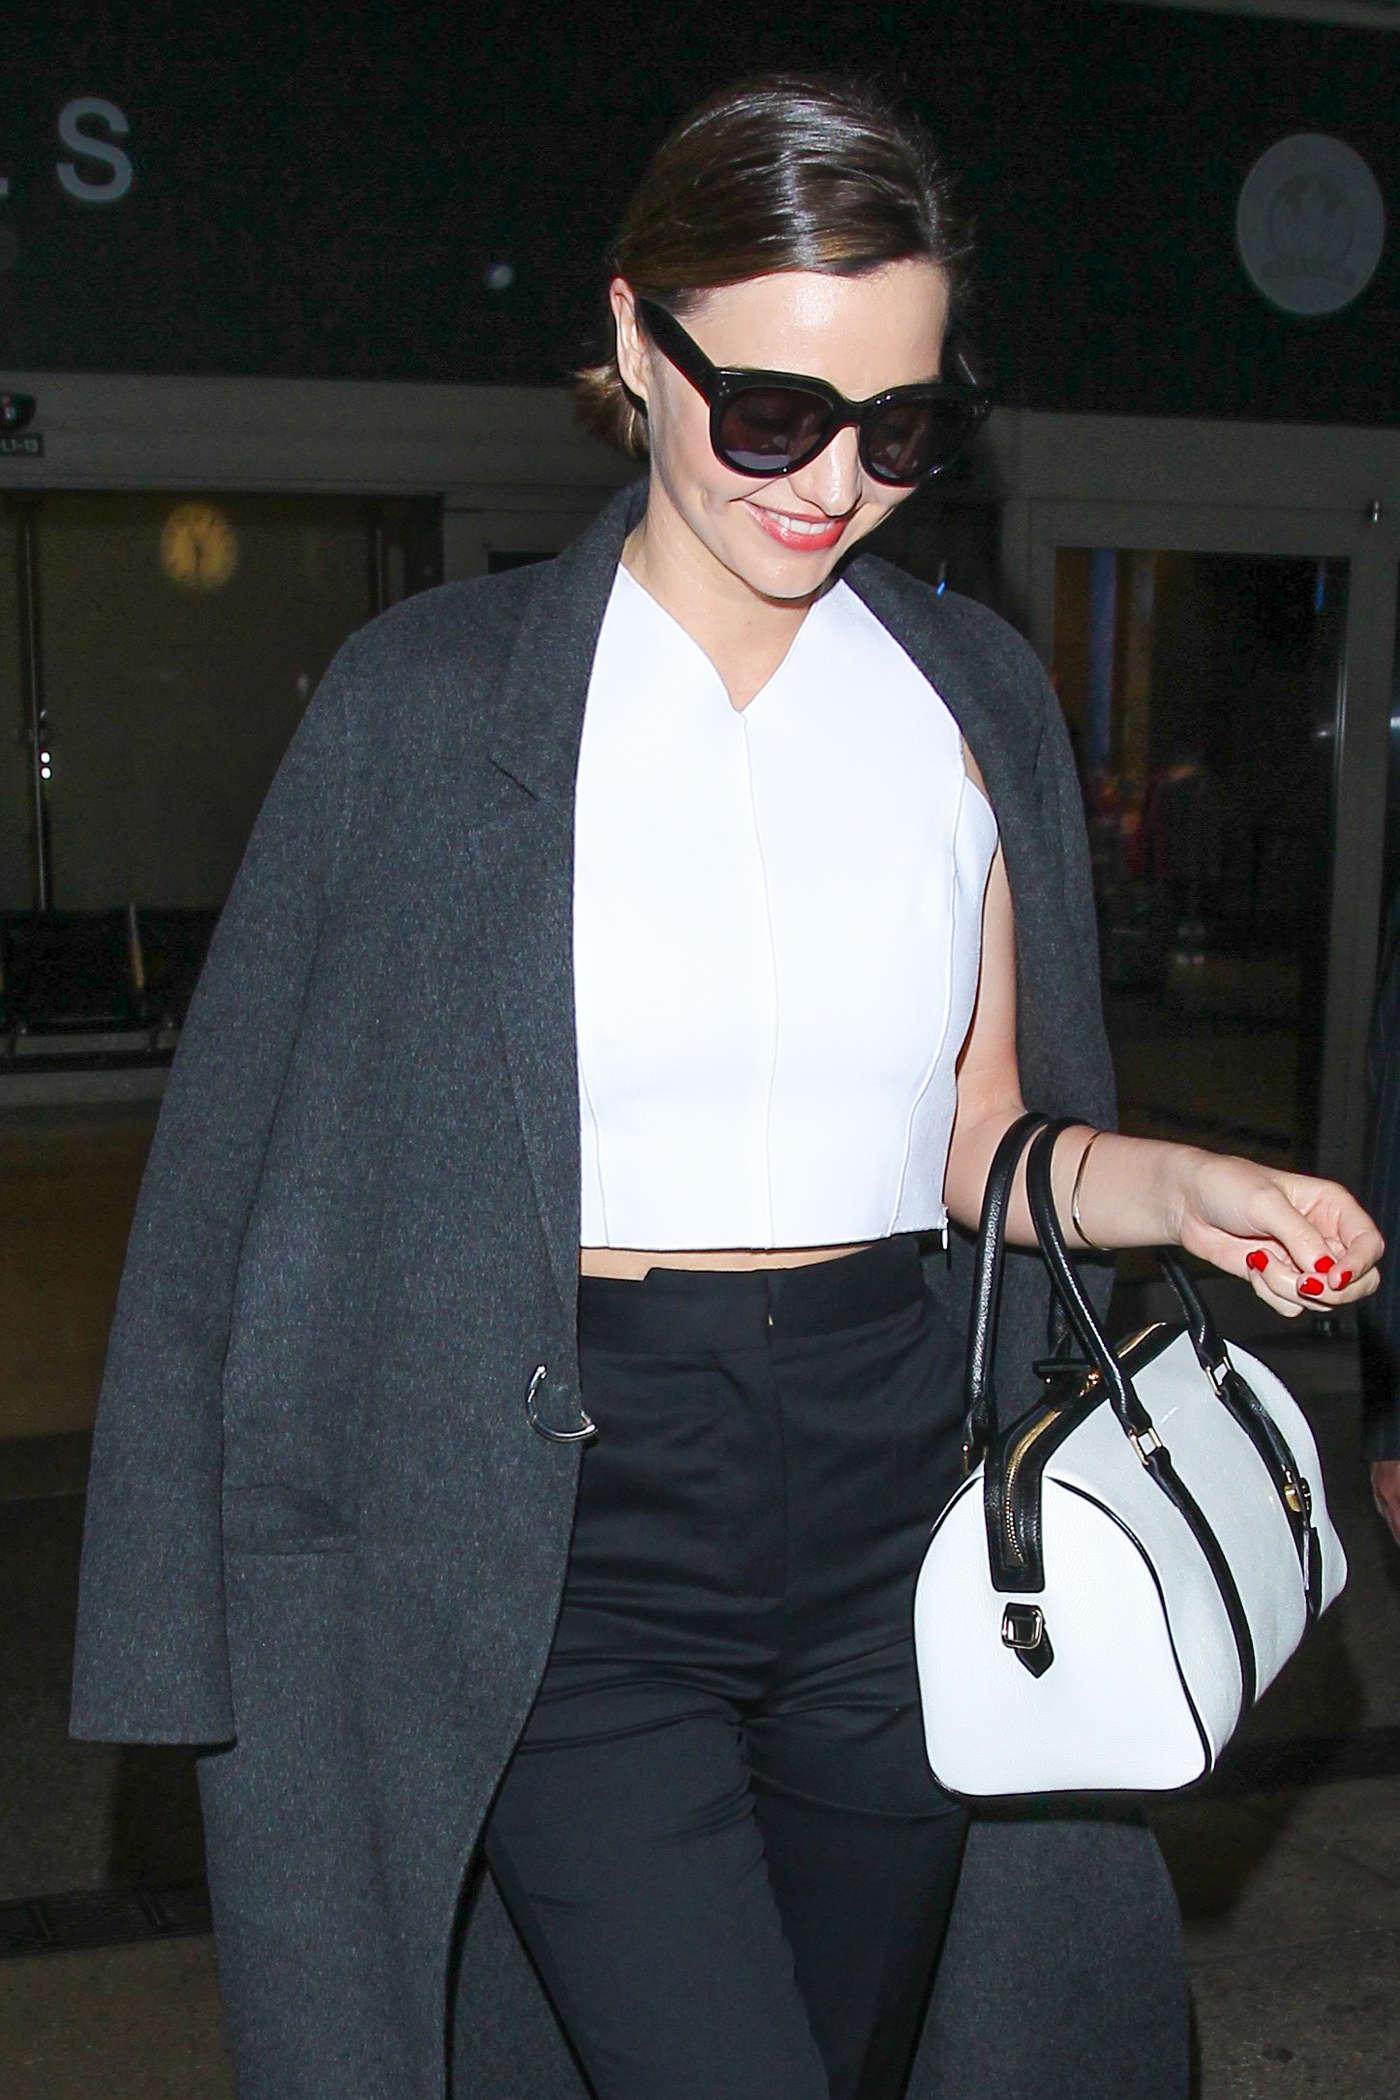 Miranda Kerr 2016 : Miranda Kerr at LAX Airport in LA -14